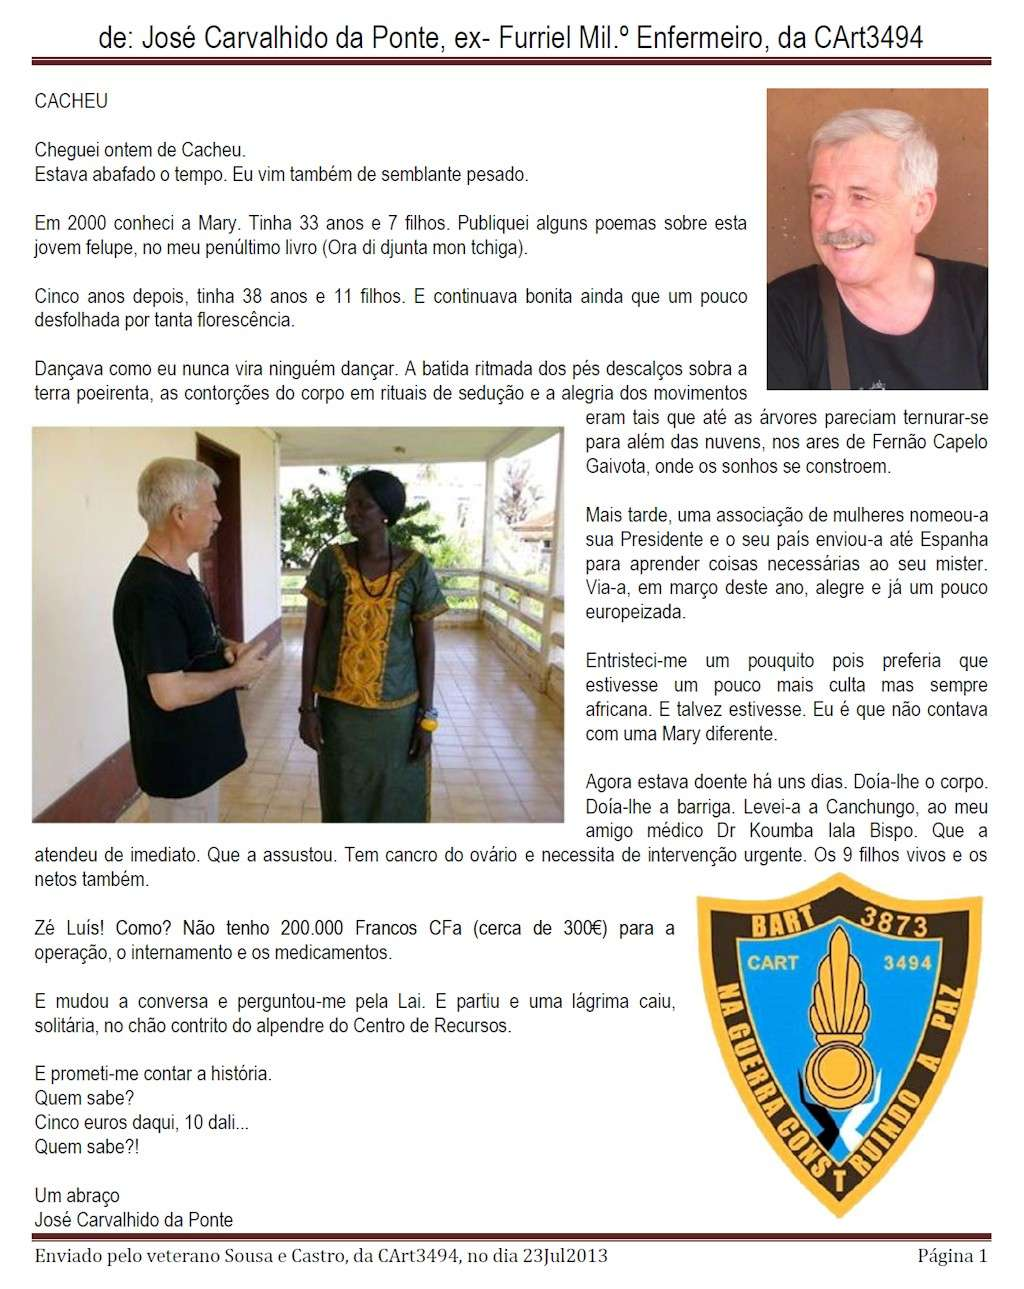 Mensagem do veterano Sousa de Castro, da CArt3494/BArt3873 0111